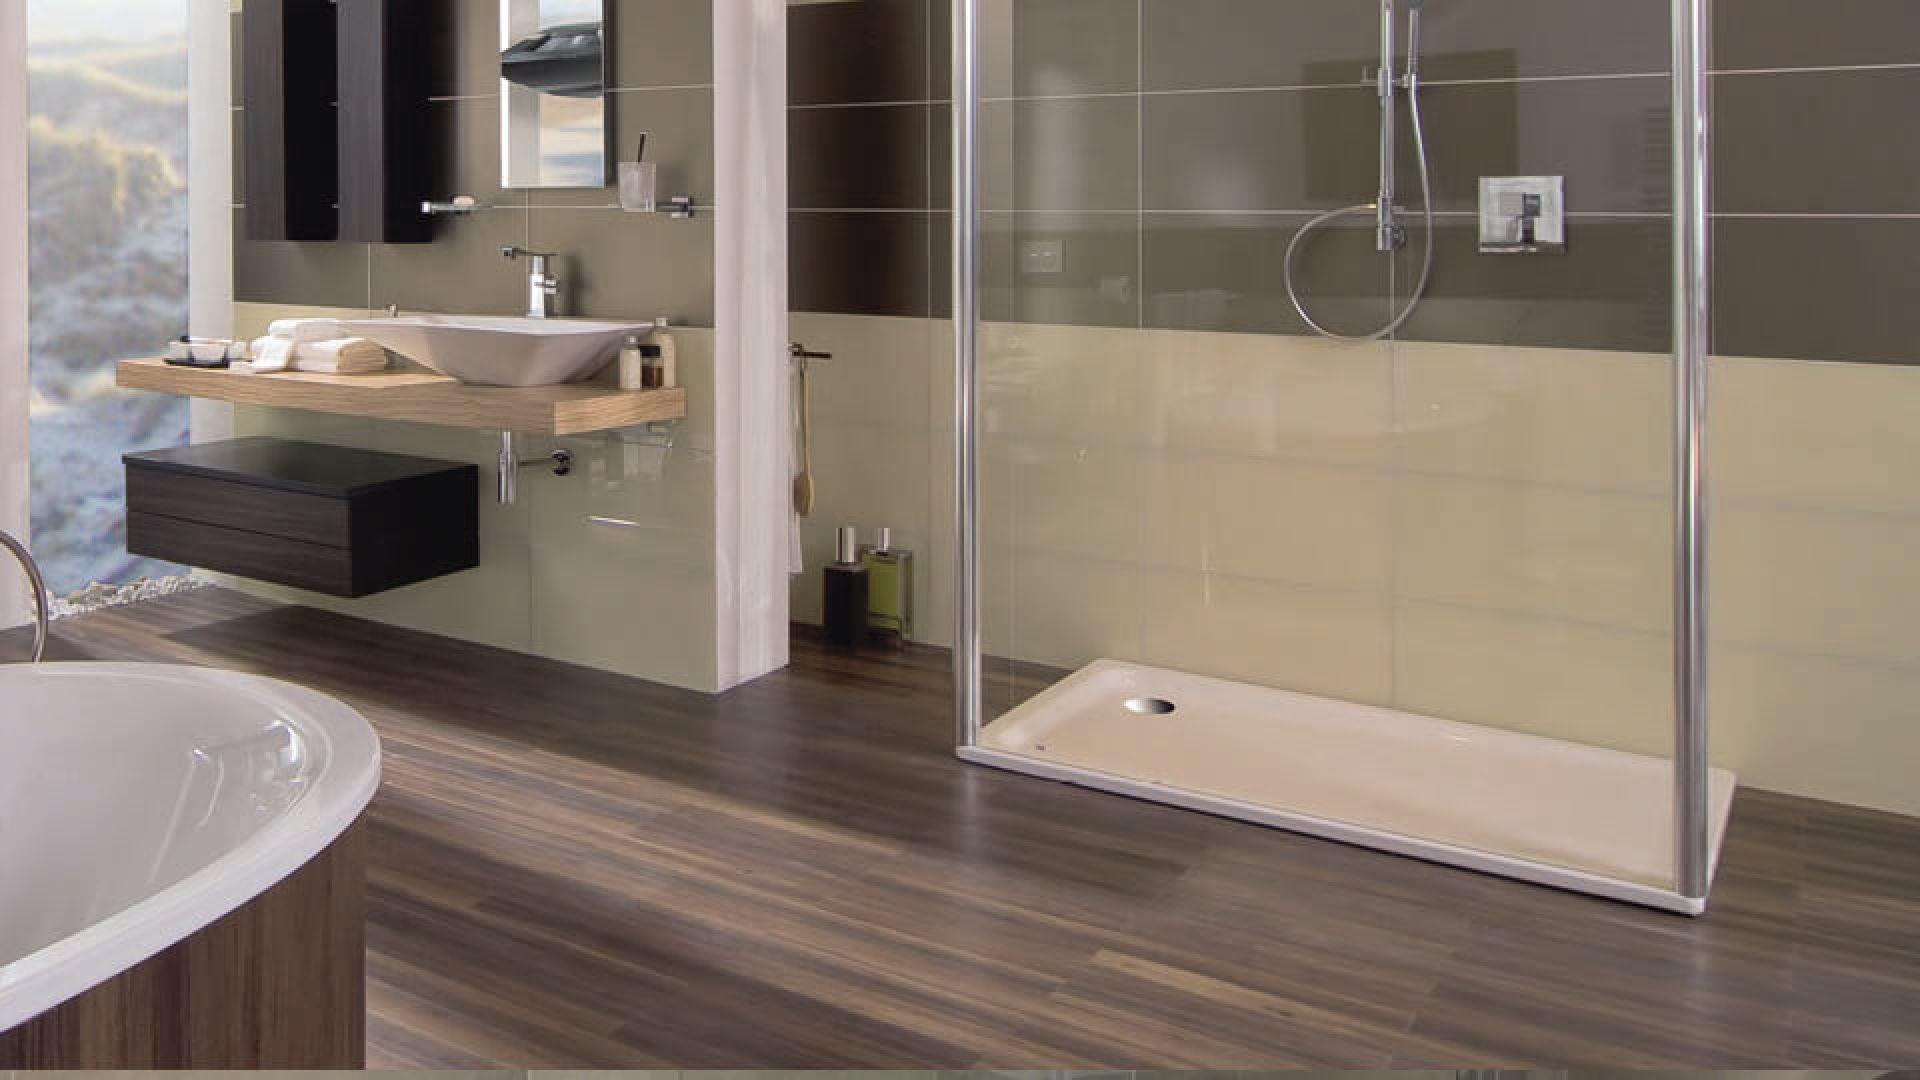 Pose de carrelage dans la salle de bain : quel budget ?  Weber